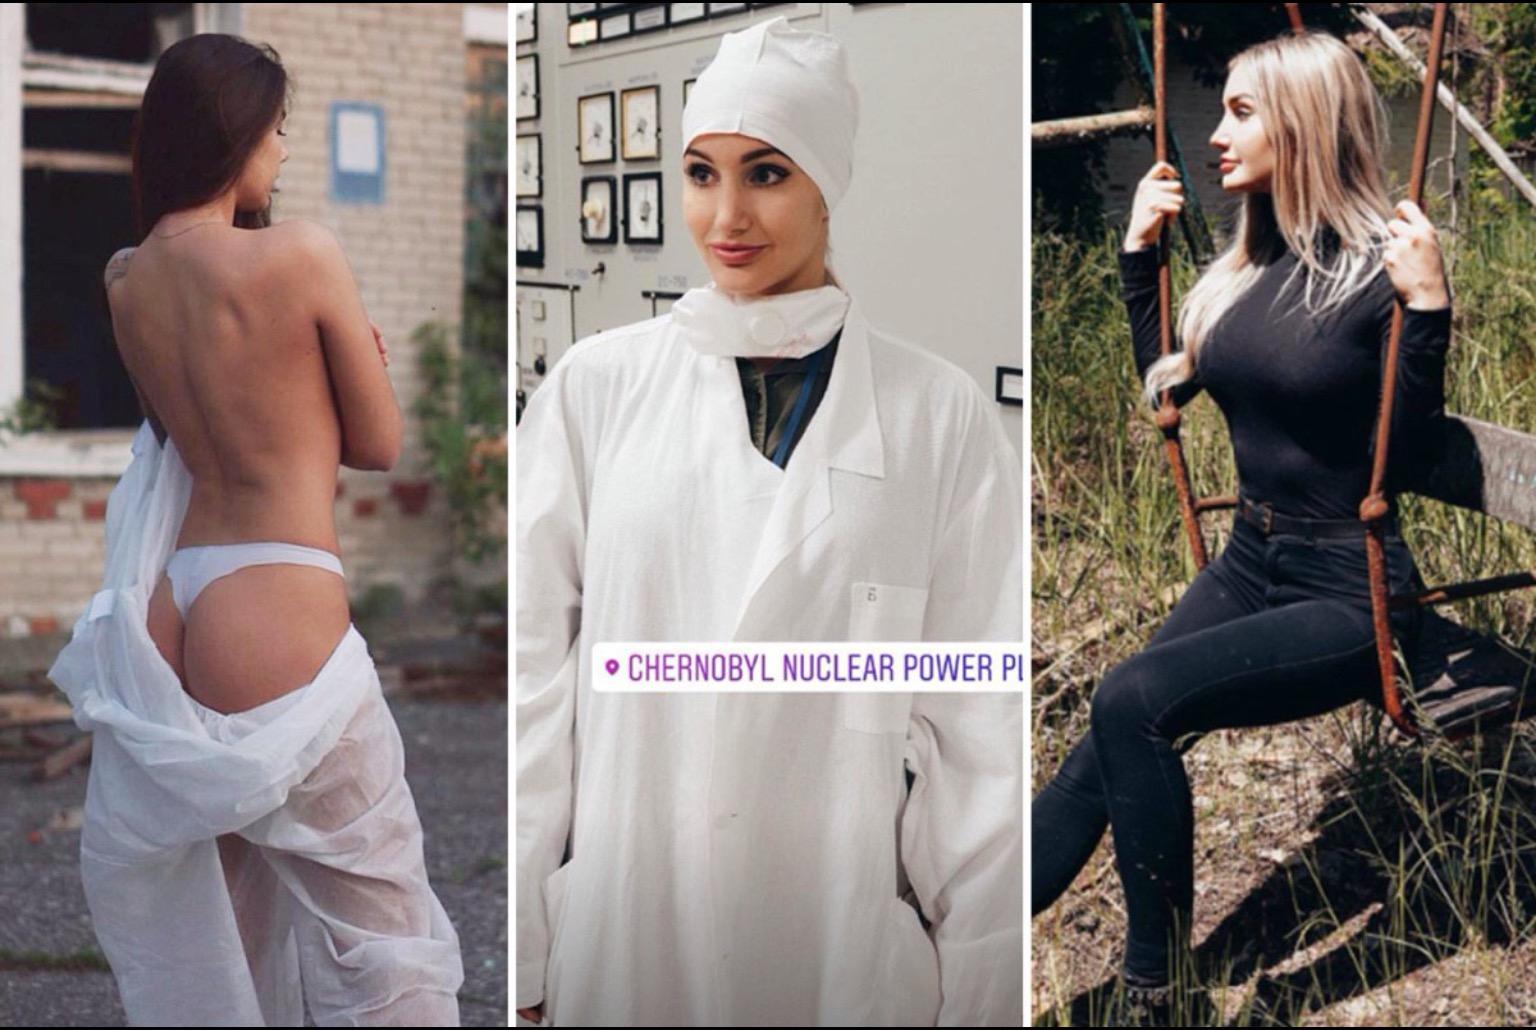 Инстаграм-модели делают откровенные фото в Чернобыльской зоне и многих это возмущает фото